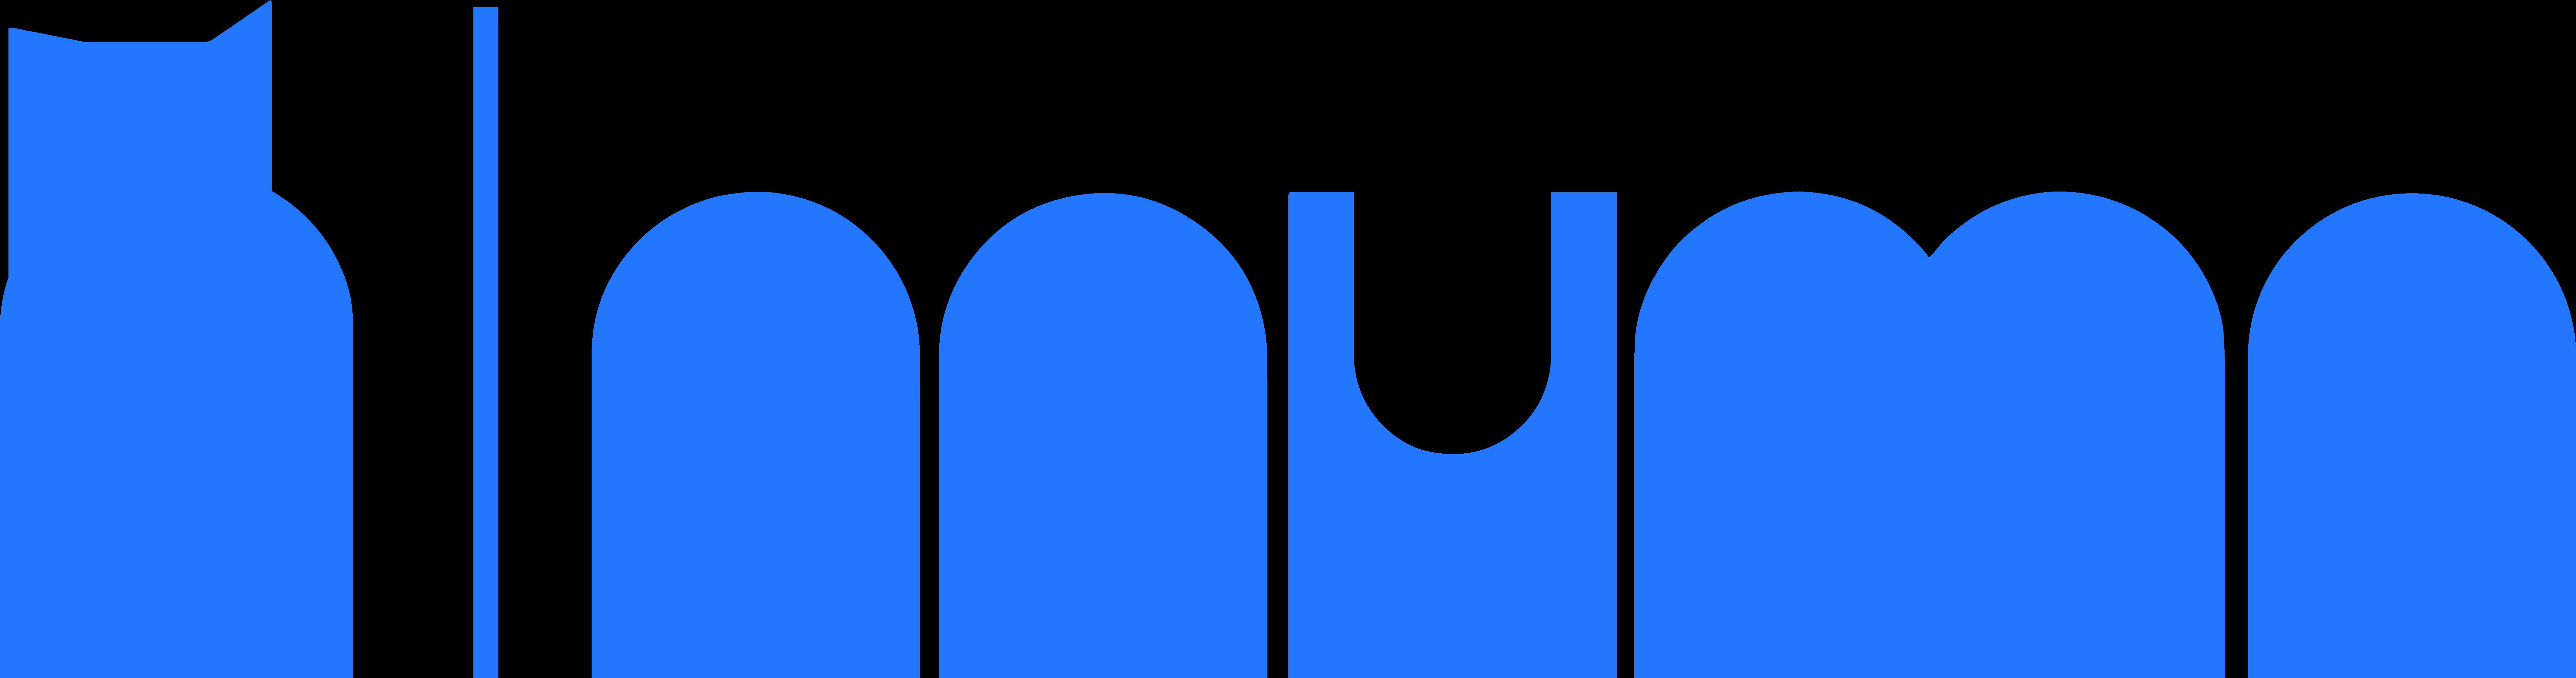 https://autodiscover.aqumolab.net/autodiscover/logo.png